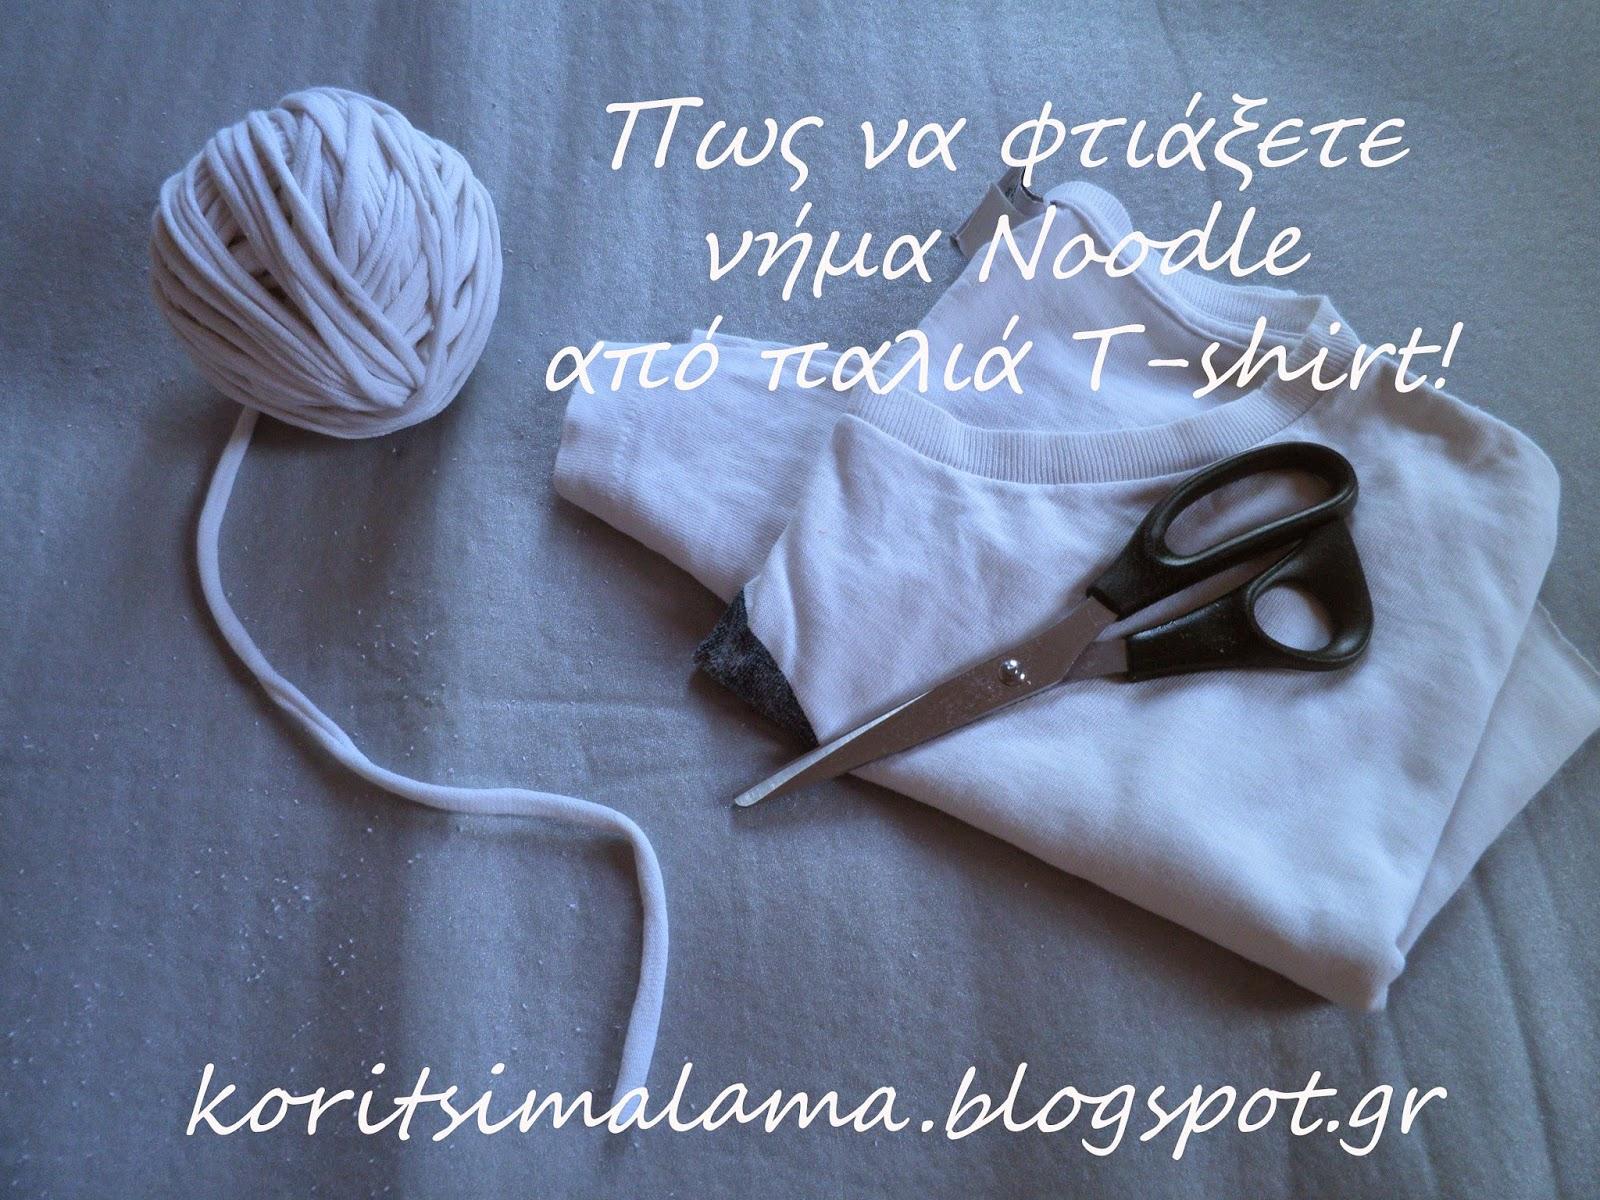 Κορίτσι Μάλαμα  Πώς να φτιάξετε νήμα noodle από παλιά T-shirt! 1fd24c21d22